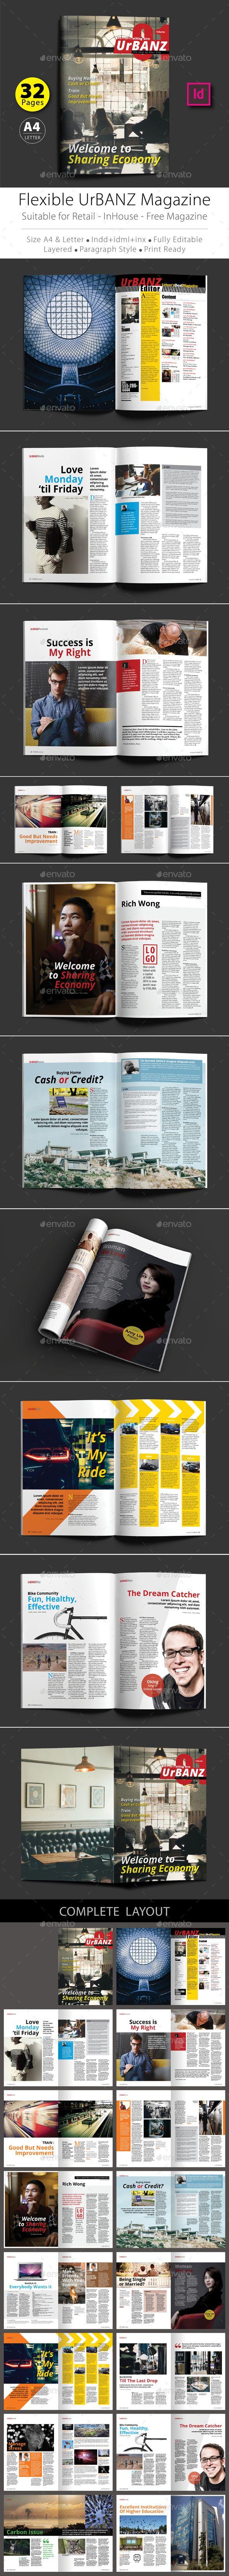 Flexible UrBANZ Magazine Template | Revistas